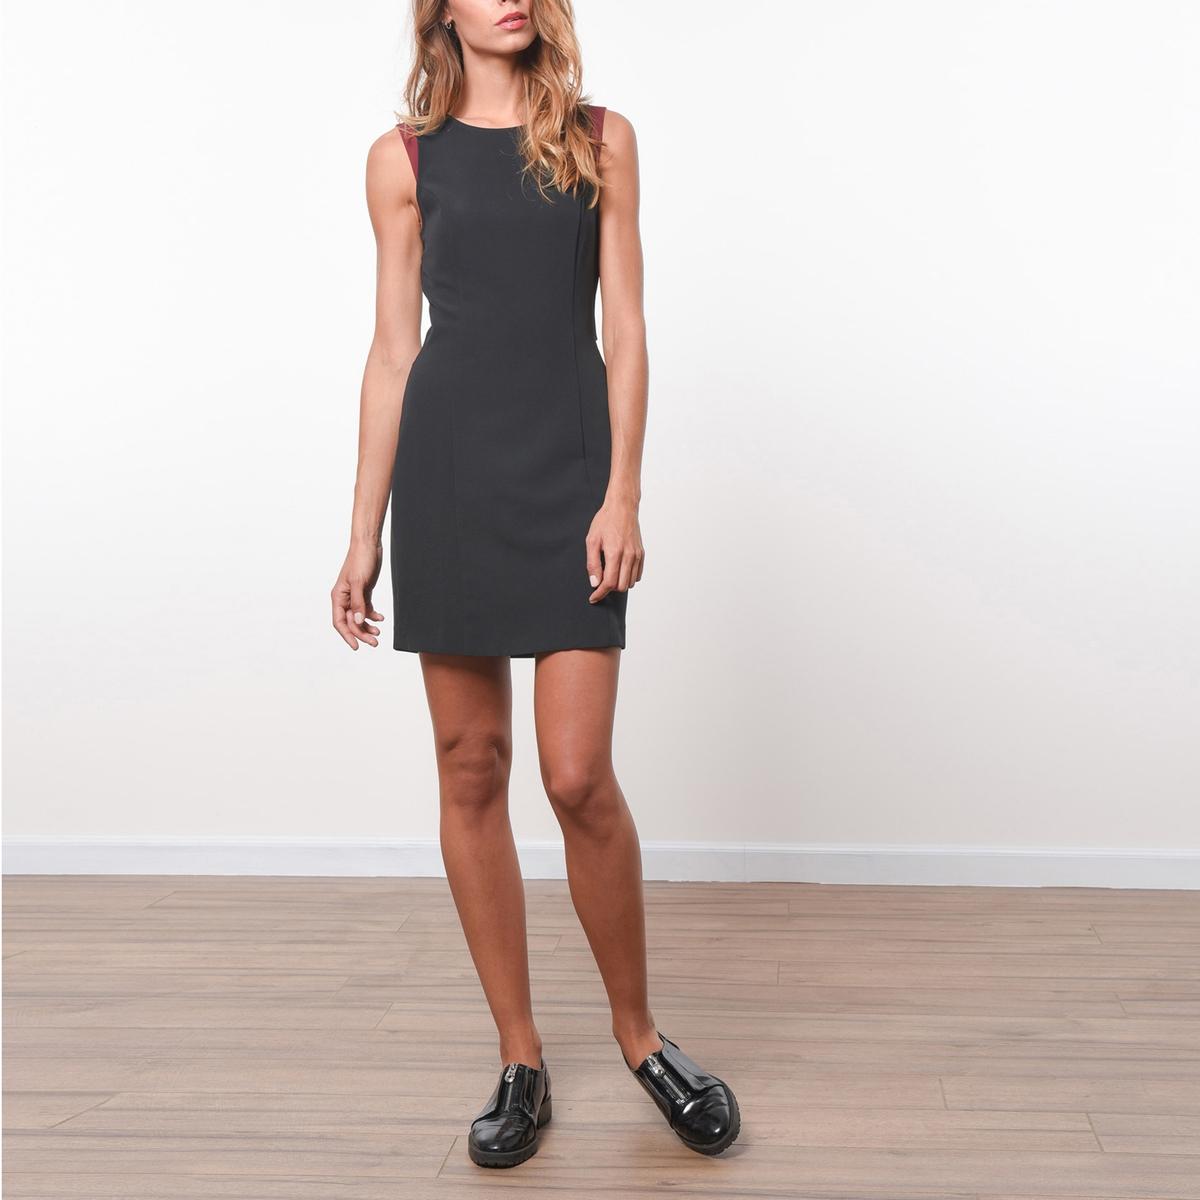 Платье без рукавов с перекрестным вырезом сзадиСостав и описание :Материал            90% полиэстера, 10% эластана             Марка            JOE RETRO                          Уход: :             Следуйте рекомендациям по уходу, указанным на этикетке изделия.<br><br>Цвет: черный<br>Размер: XL